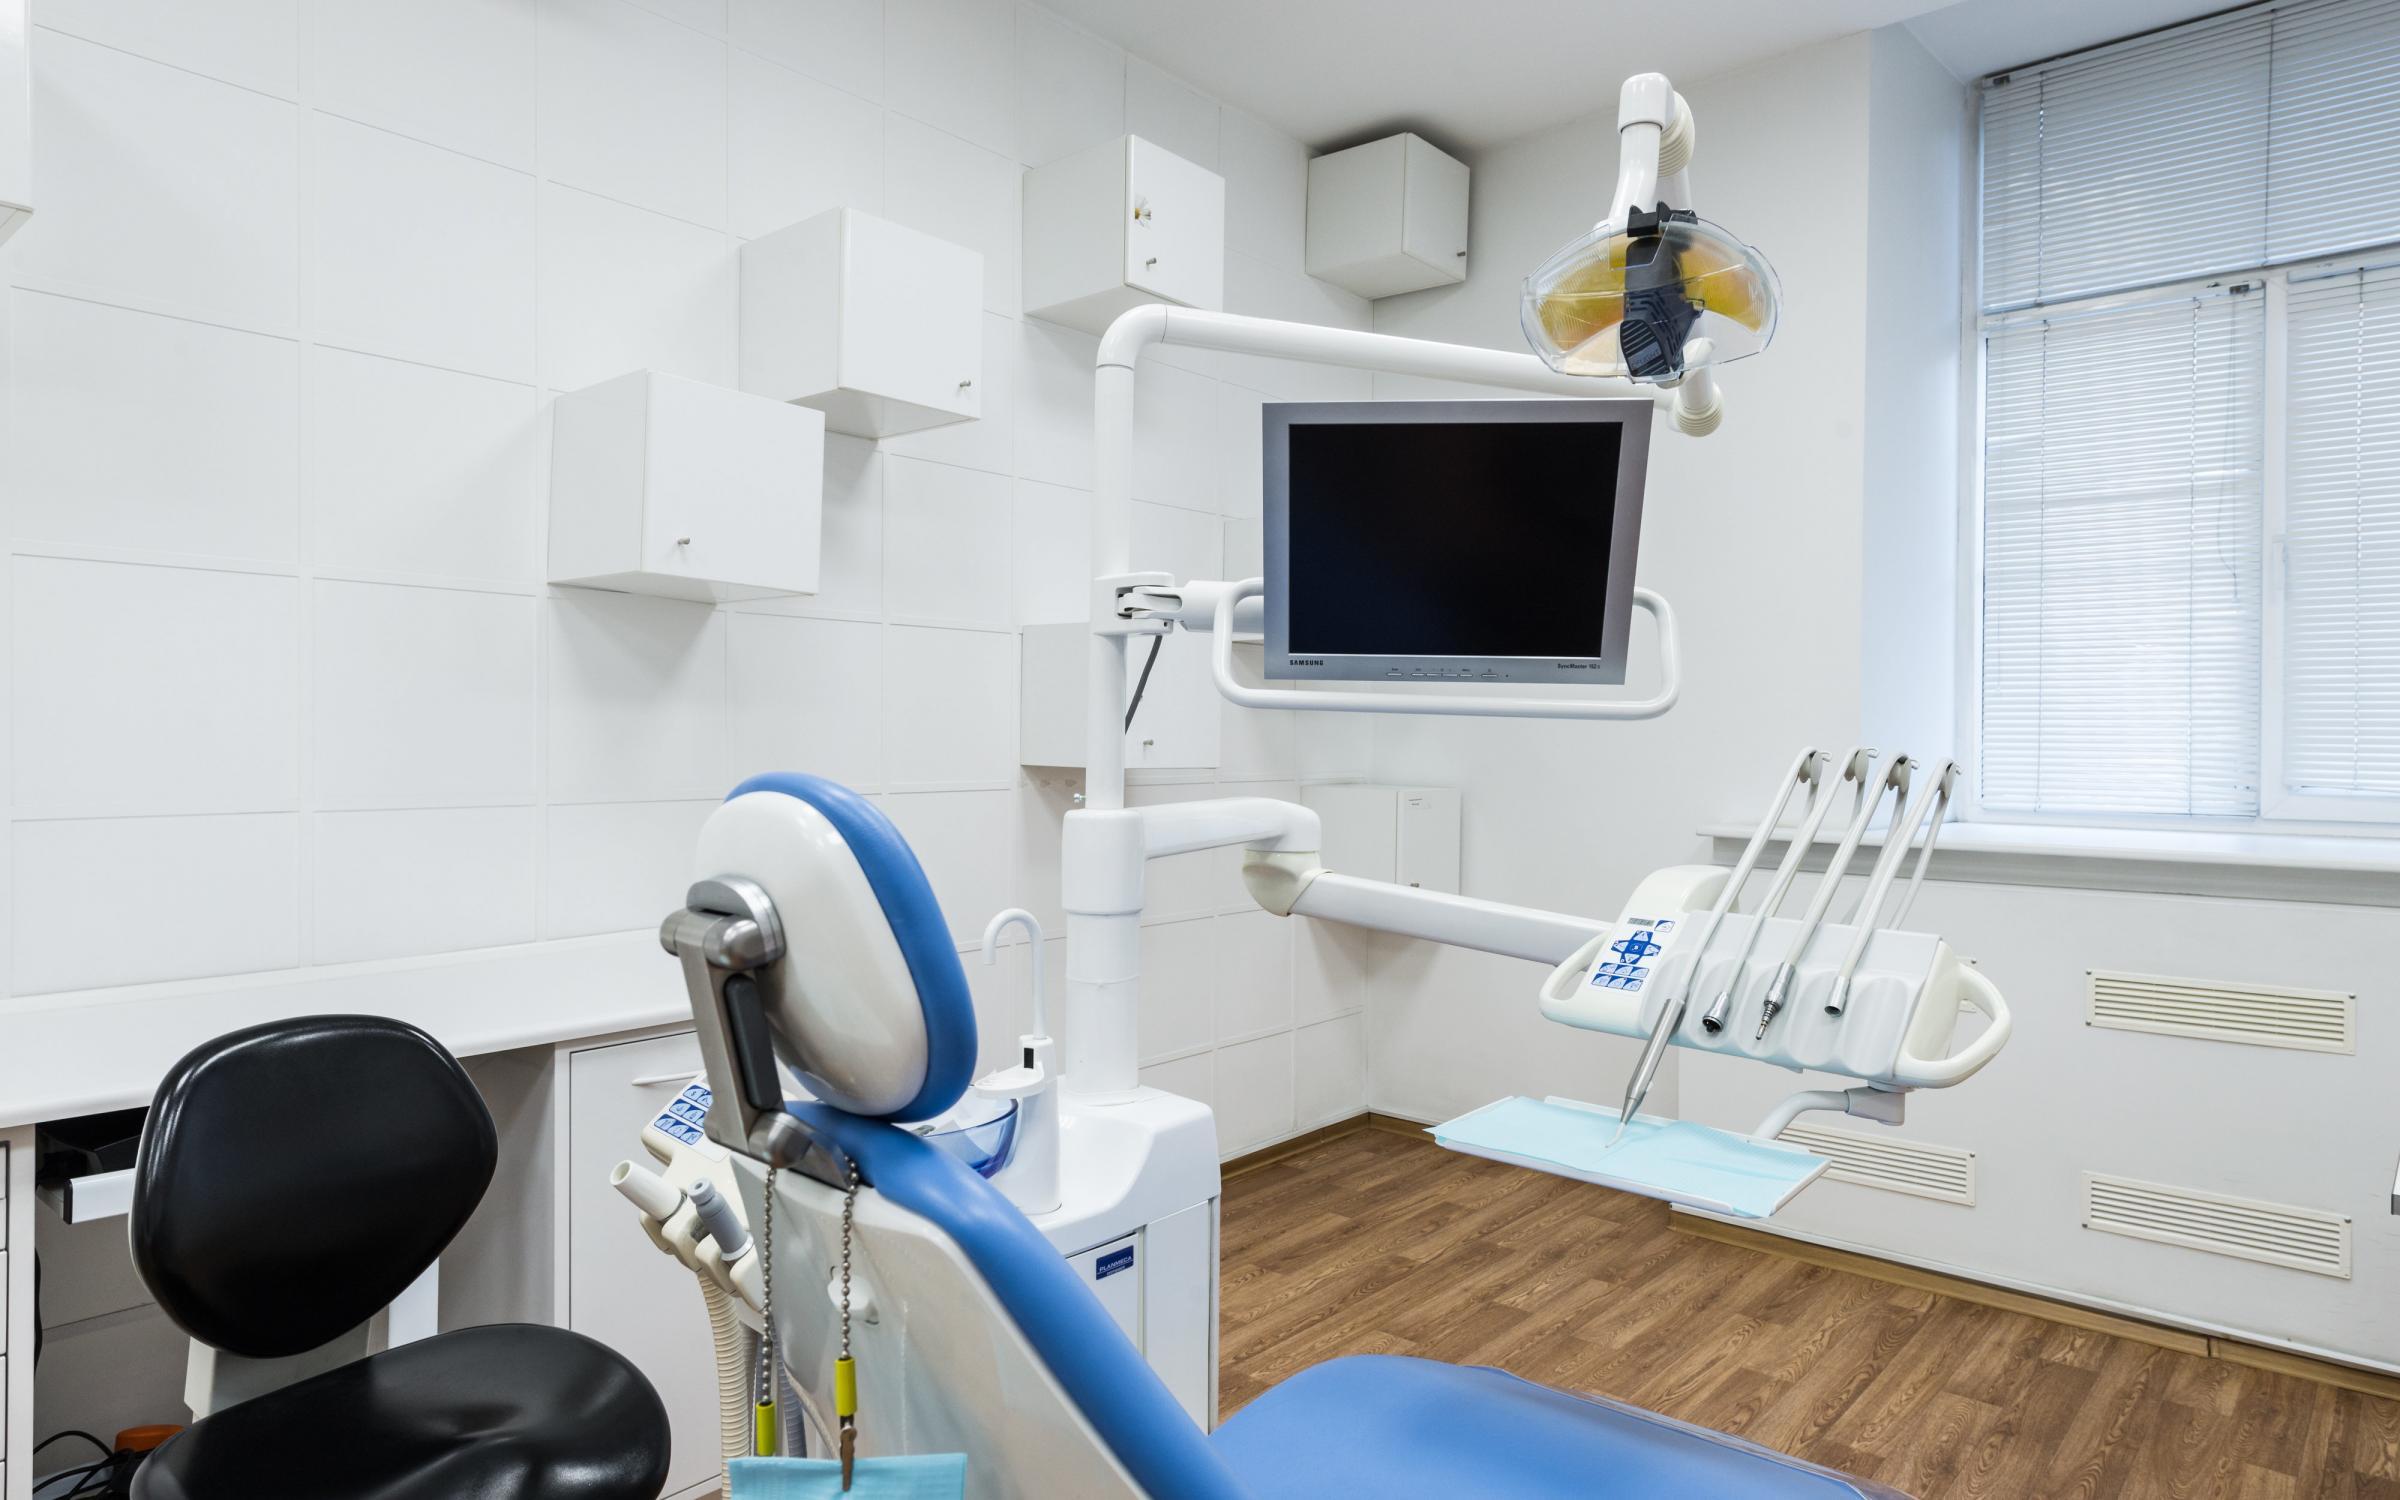 Как стоматологическое оборудование купить и лишнего не переплатить?